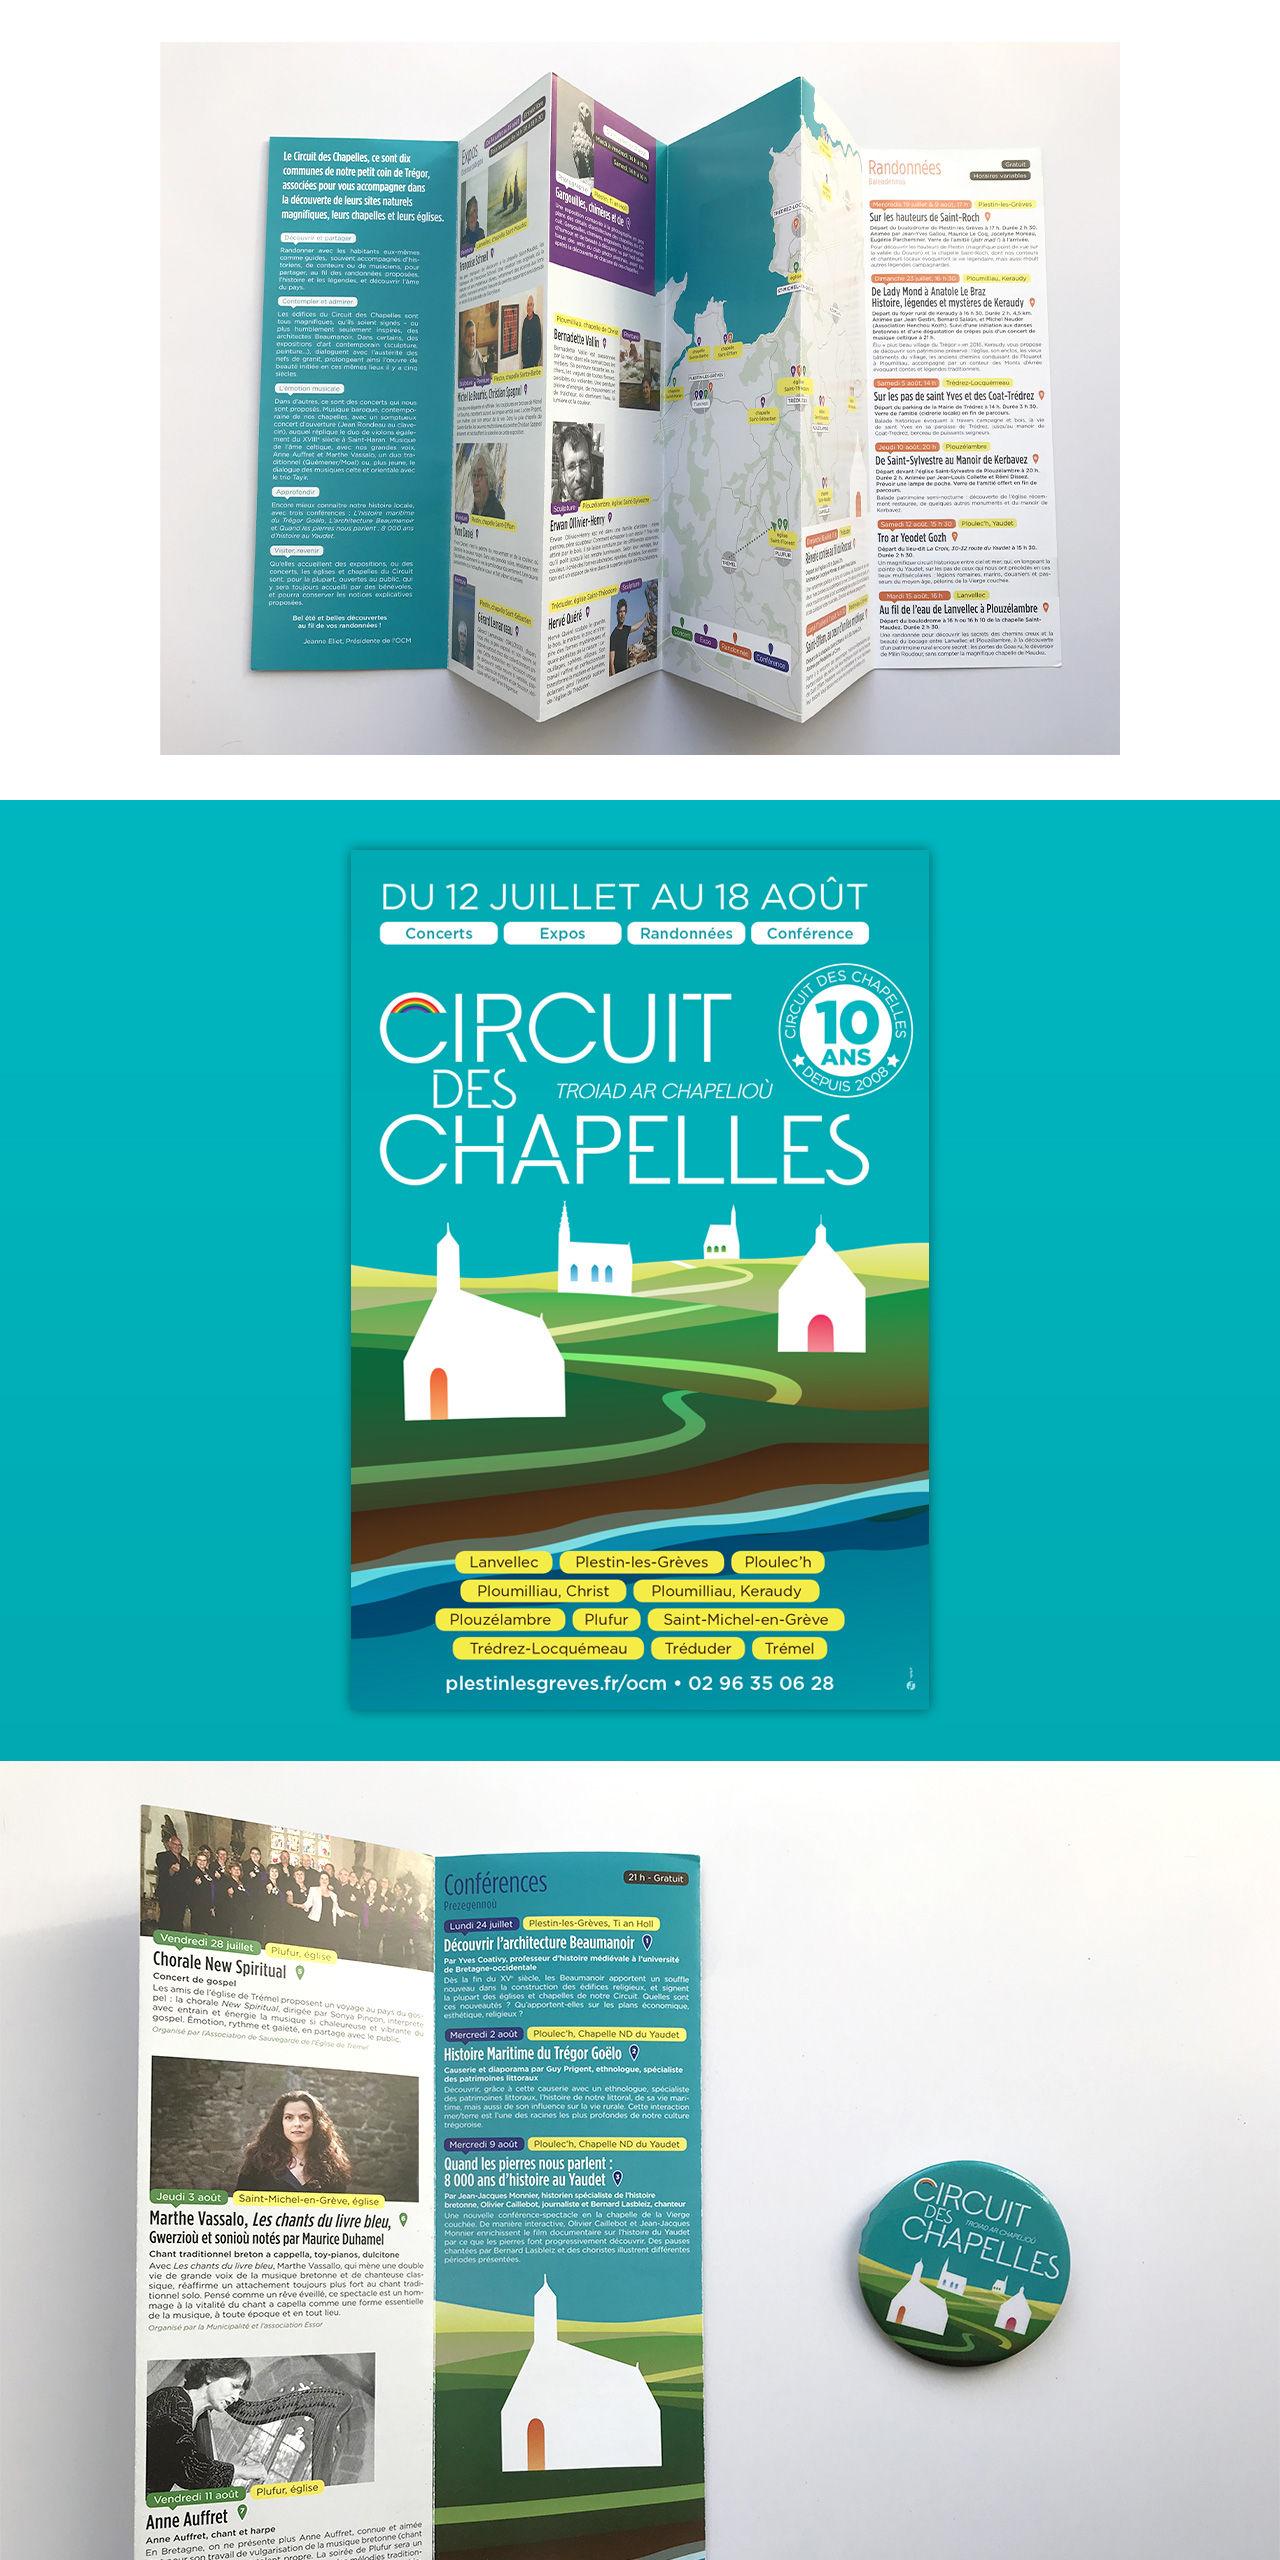 Circuit des Chapelles